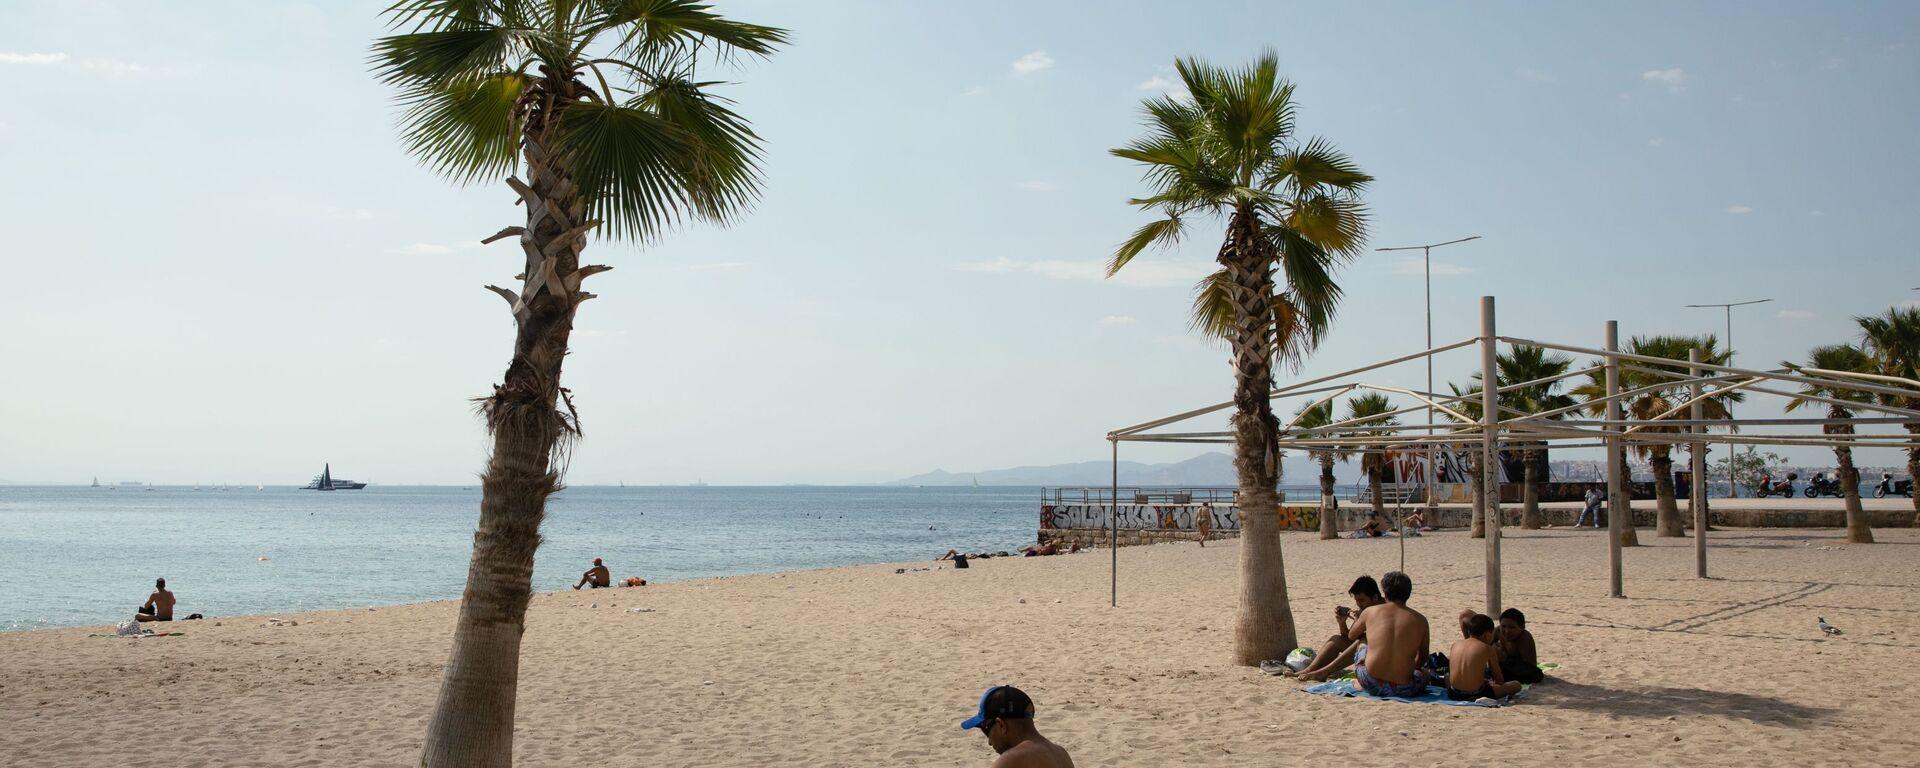 Bagnanti a distanza in una spiaggia vicino ad Atene la scorsa estate - Sputnik Italia, 1920, 15.05.2021